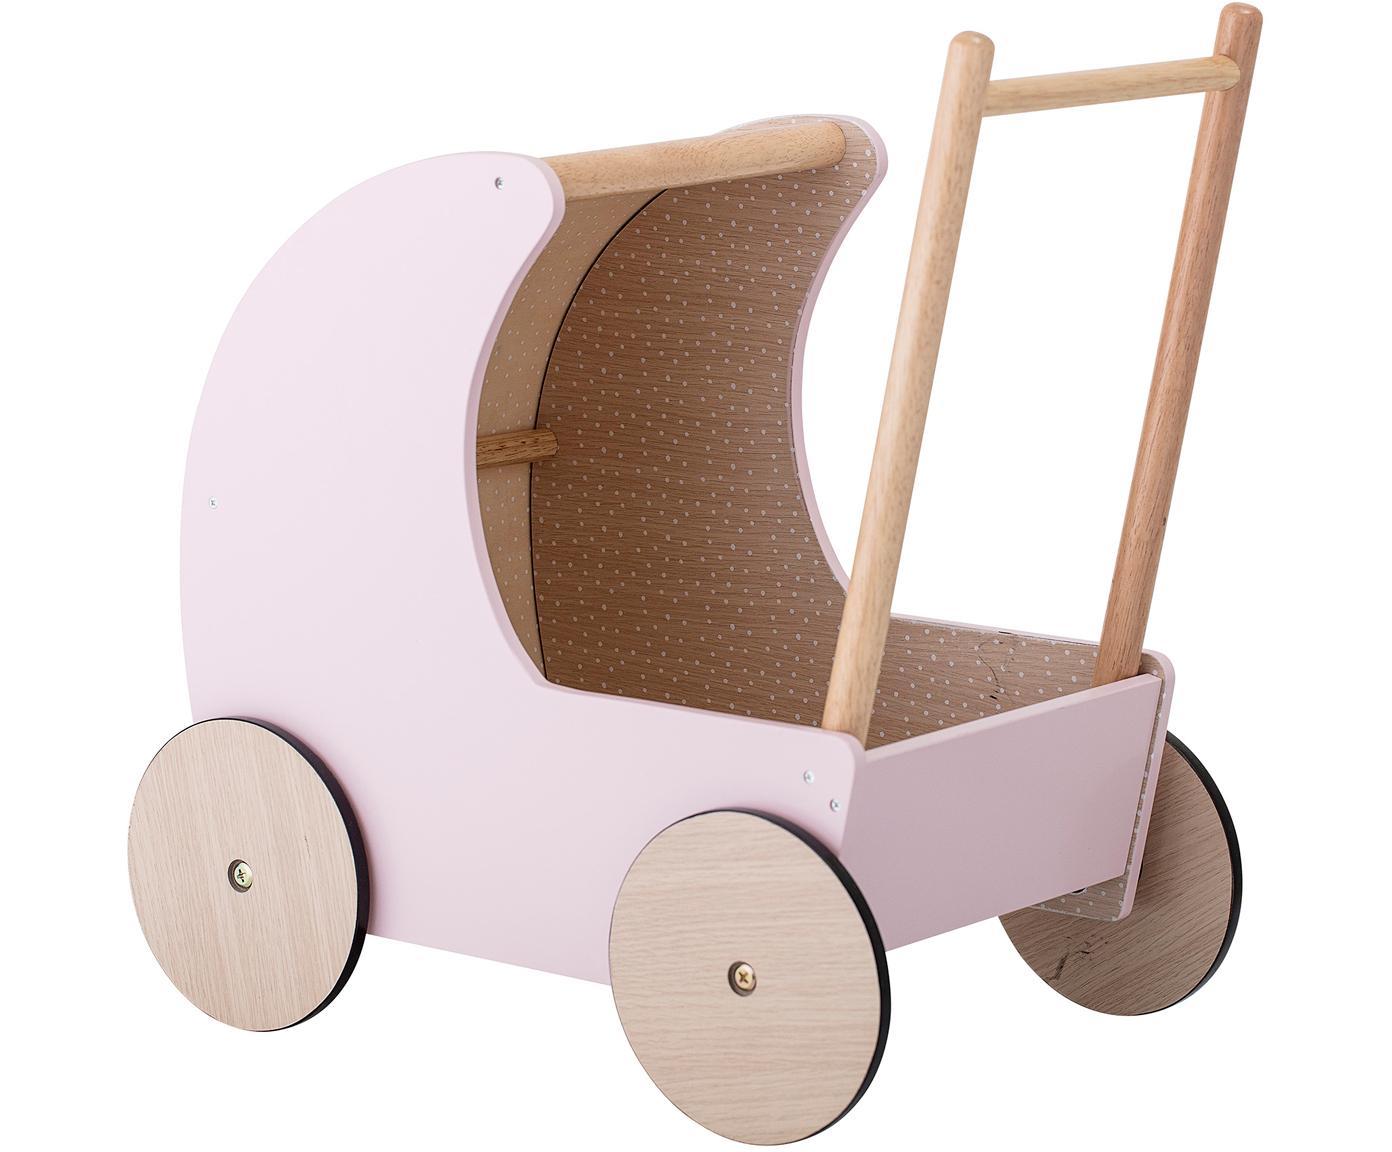 Puppenwagen Walk, Mitteldichte Holzfaserplatte, Gummibaumholz, Rosa, 25 x 40 cm